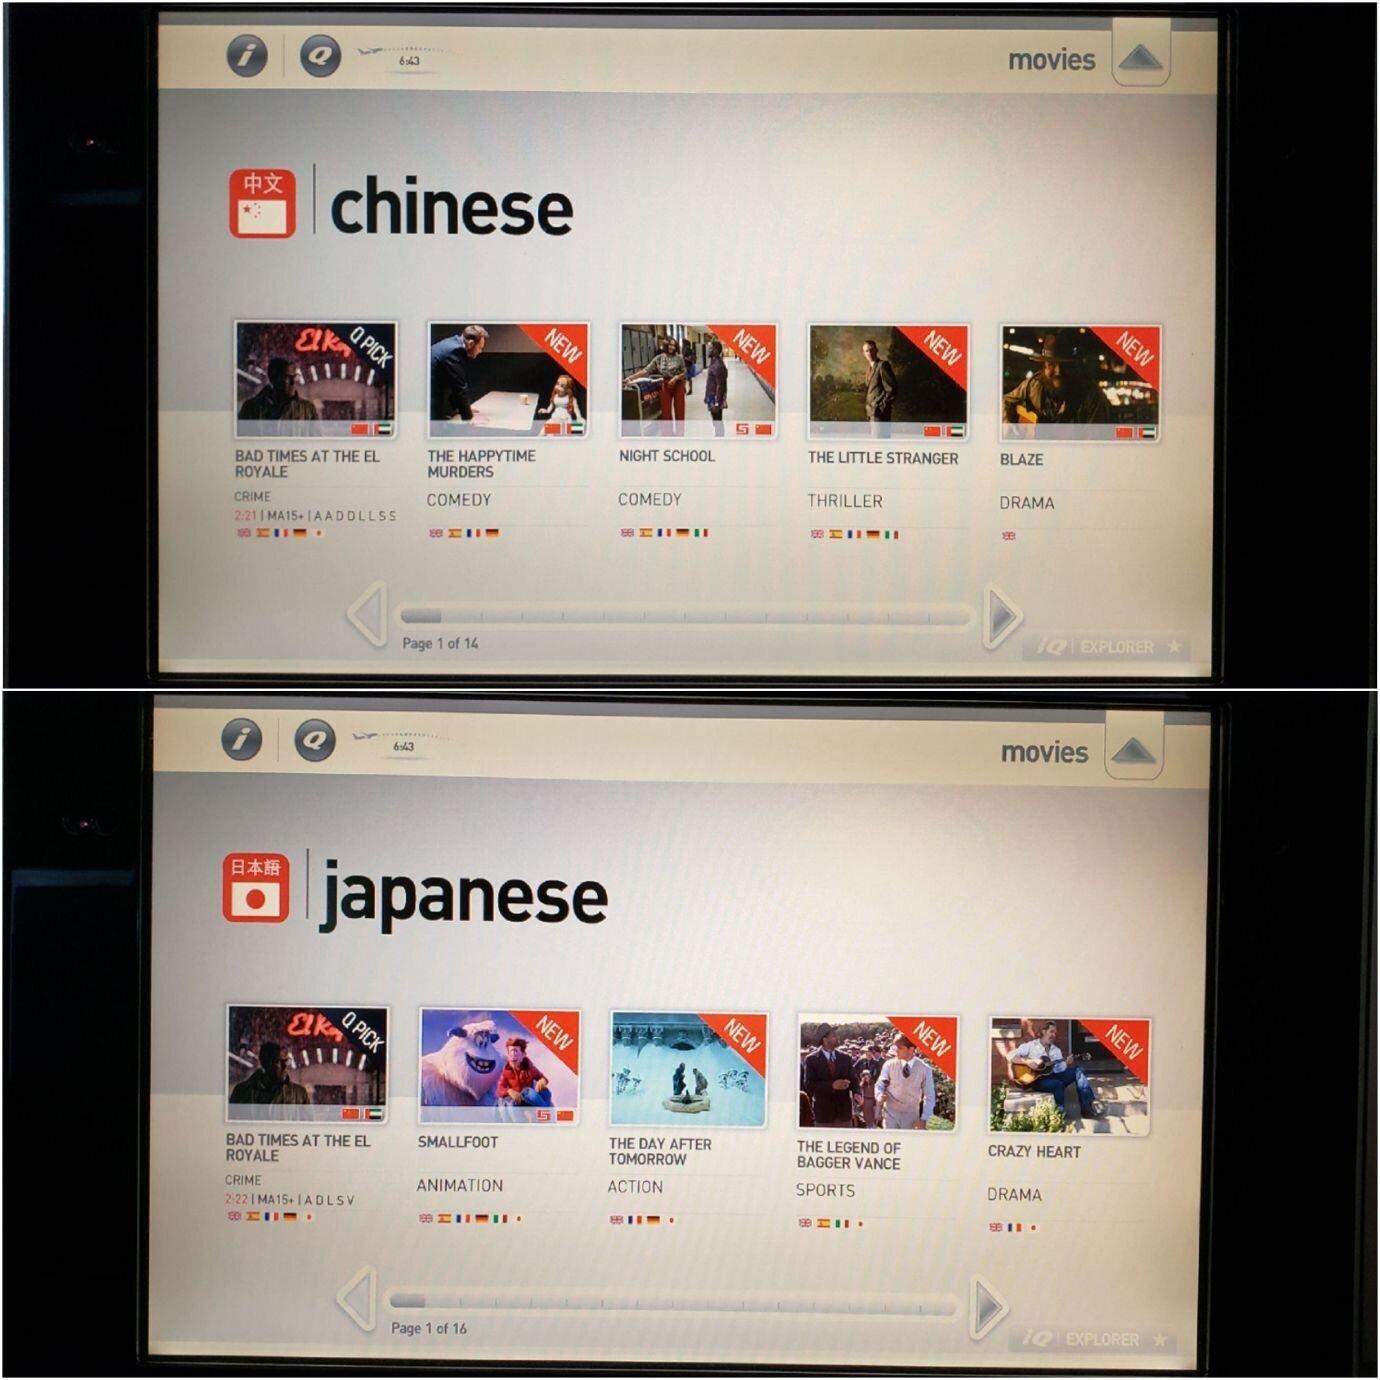 中文(上圖)與日文(下圖)的選項,但仔細一看,其實是有這些語言字幕的英文電影居多…